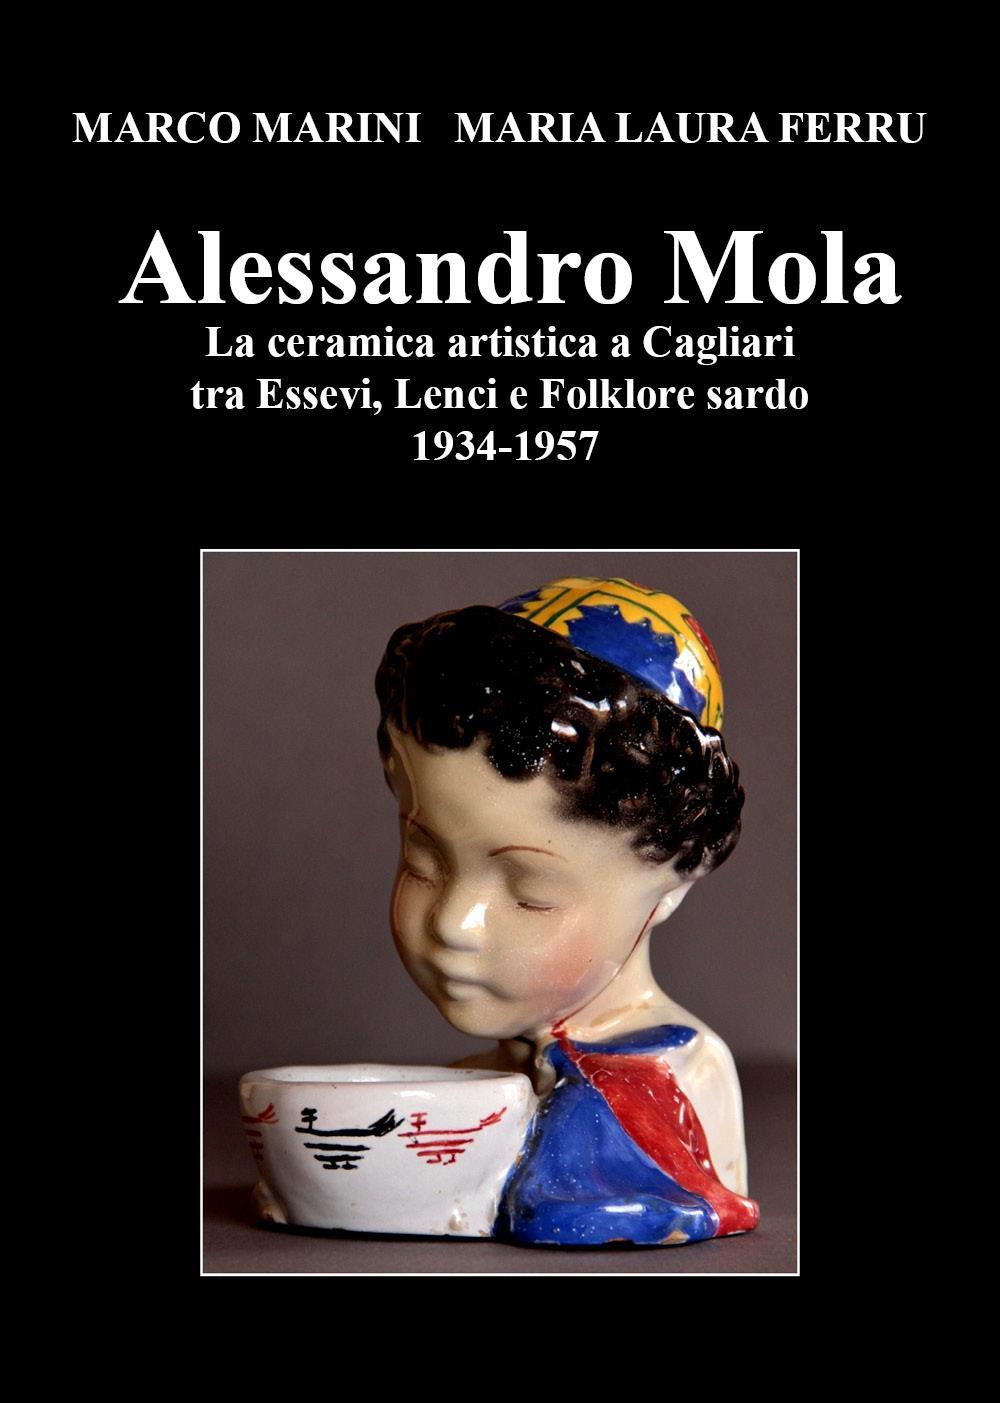 Alessandro Mola La ceramica artistica a Cagliari tra Essevi, Lenci e Folklore sardo 1934-1957